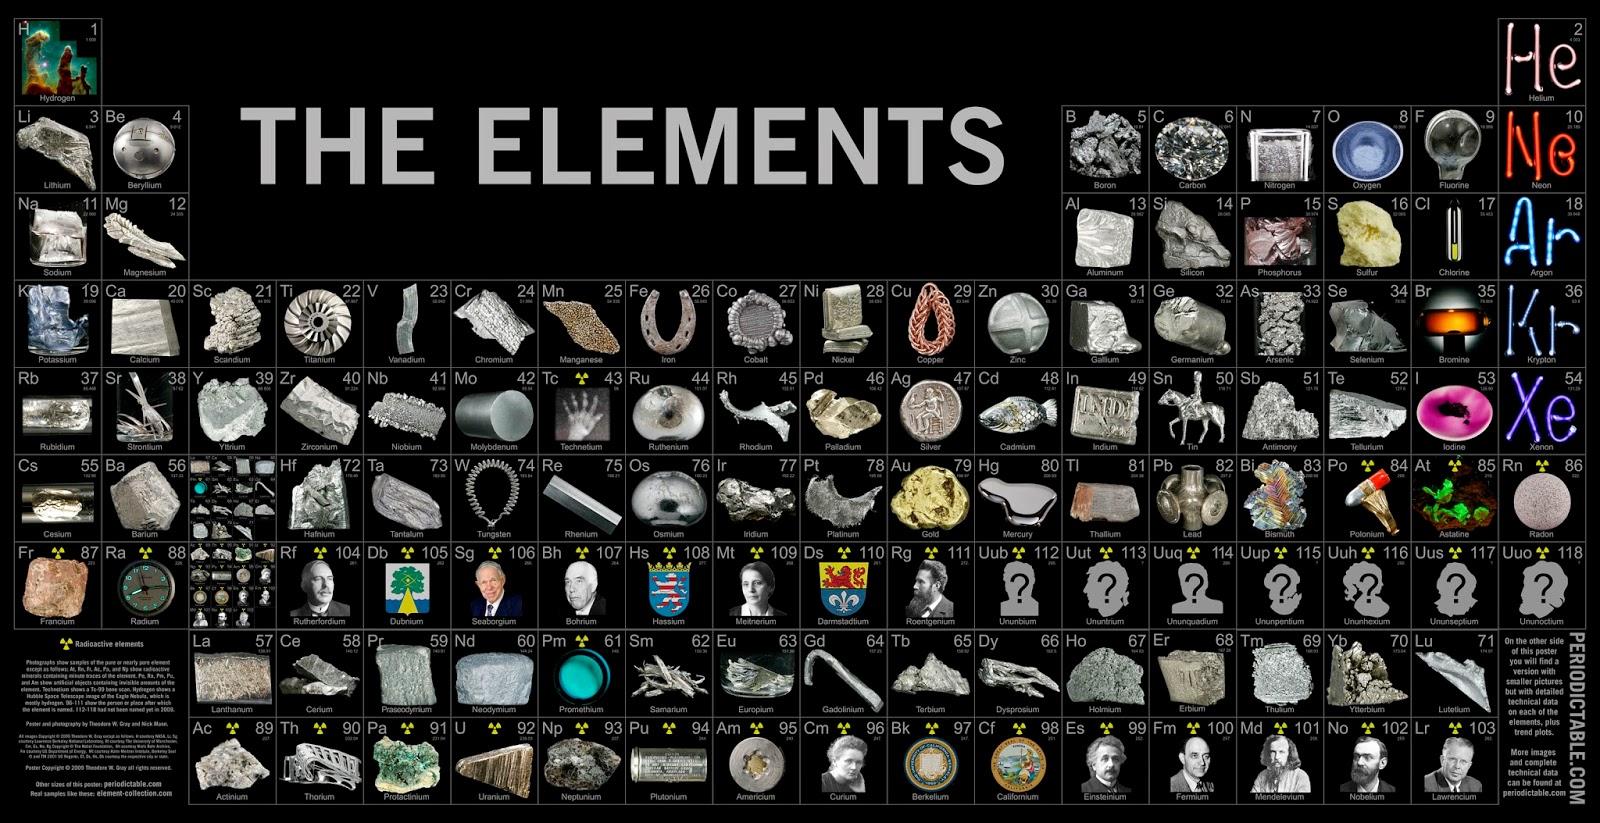 pcpi2 tabla peridica elementos qumicos y artistas - Que Uso Tiene La Tabla Periodica De Los Elementos Quimicos